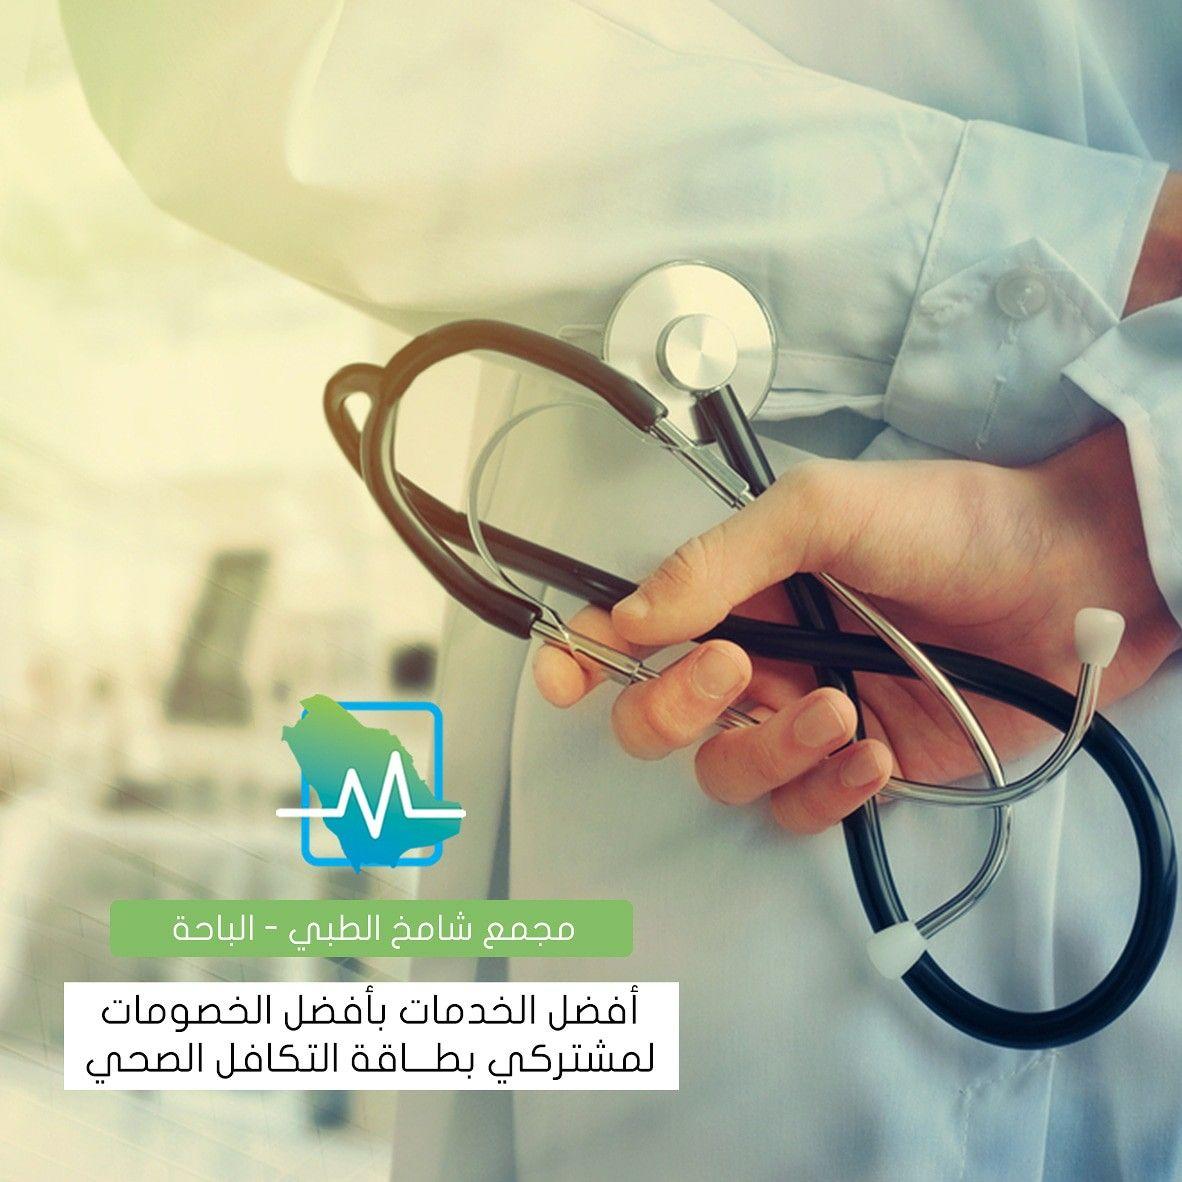 لا تشيل هم الفاتورة إذا كنت من مستخدمي بطاقة التكافل الصحي احصل على خدمات مجمع شامخ الطبي في الباحة بخصم 30 ال Health Insurance Electronic Products Health